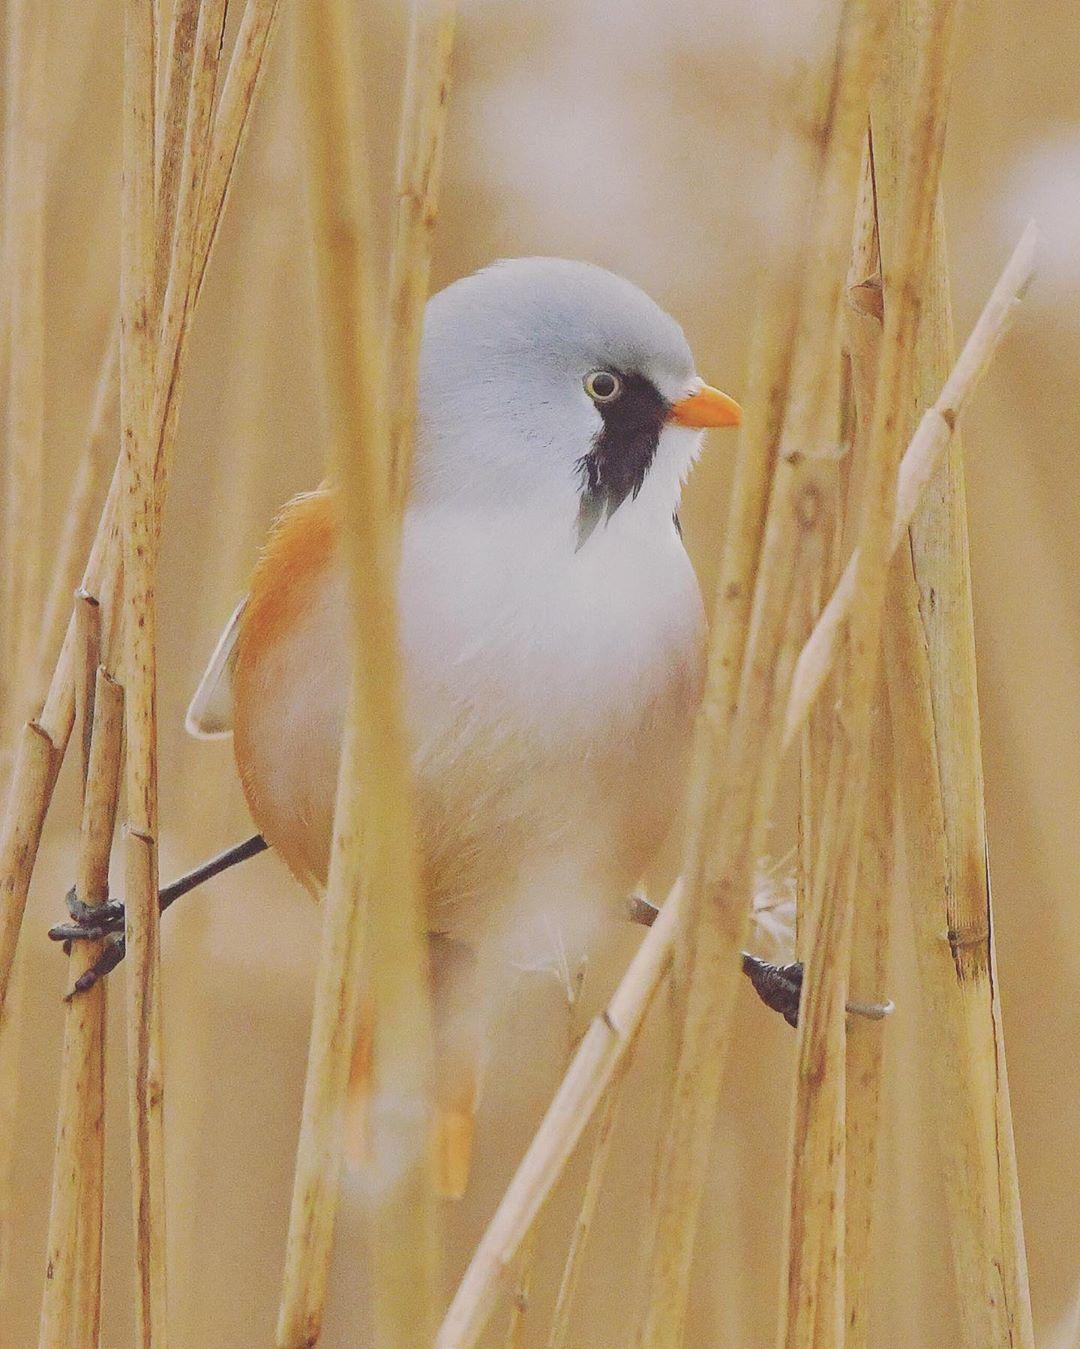 lindos pájaros que abren sus piernas en las ramas